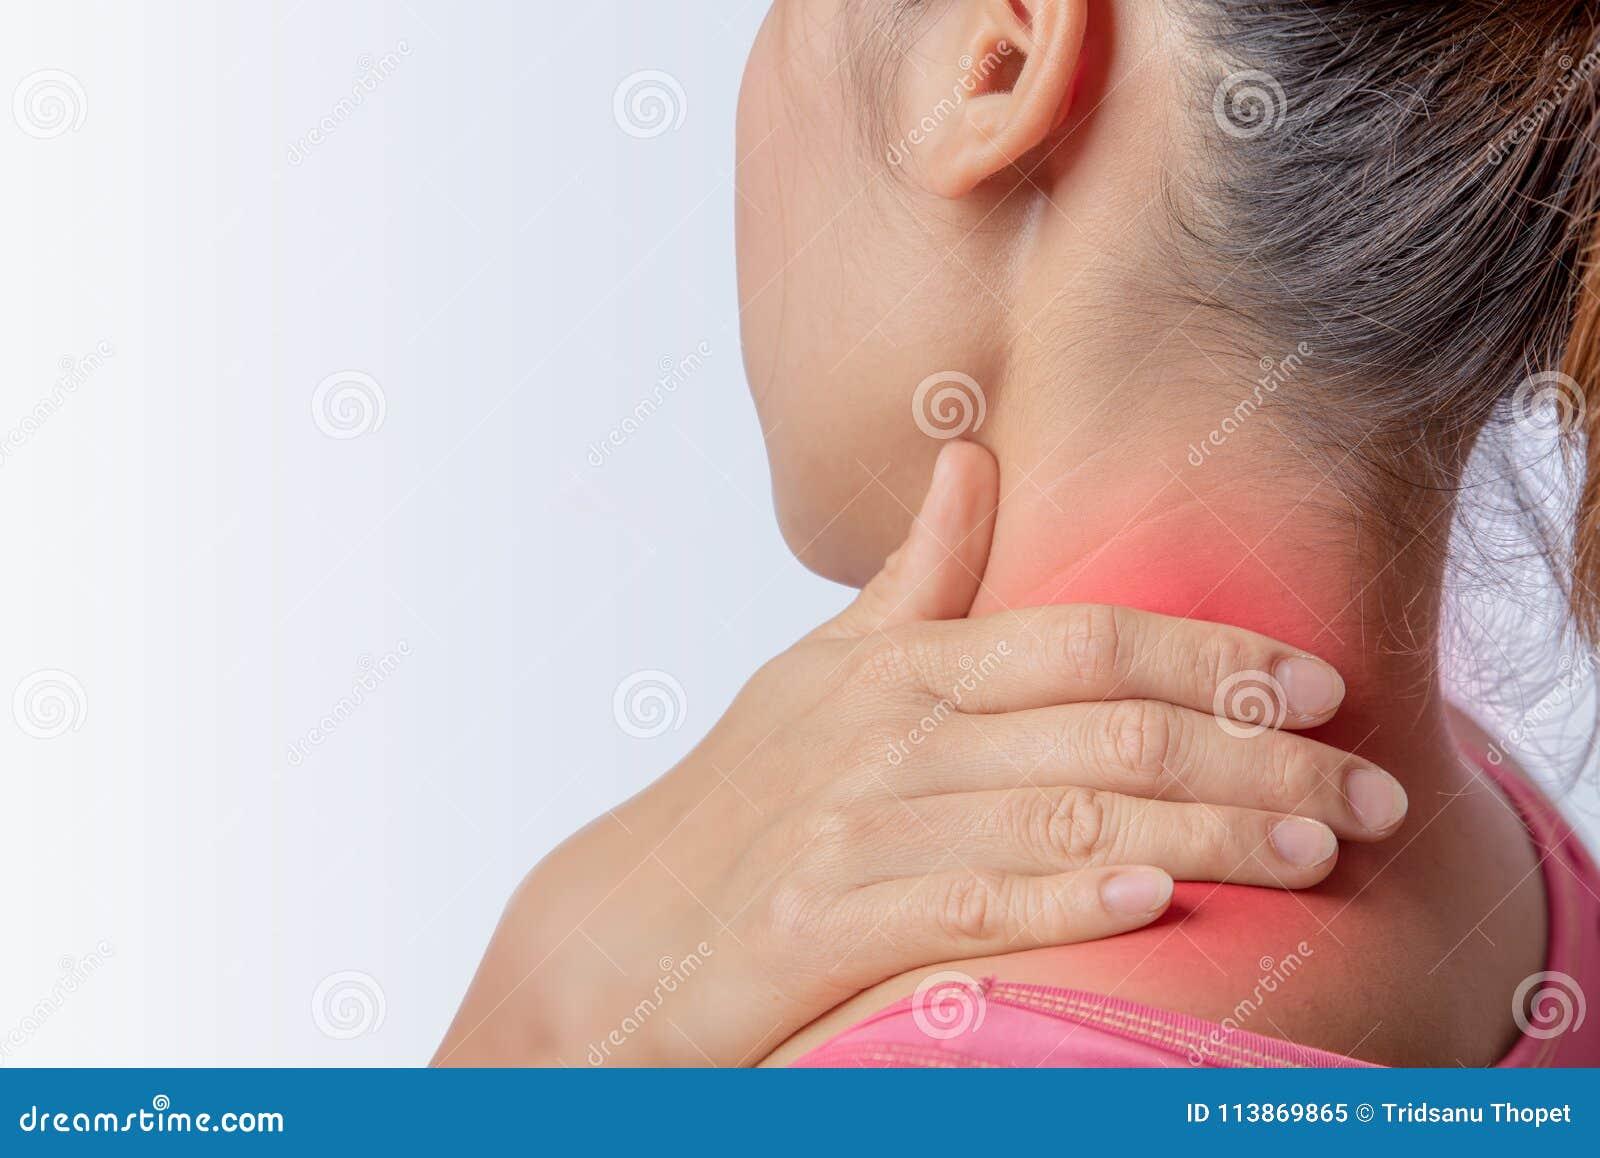 Trapezius laissé par inflammation